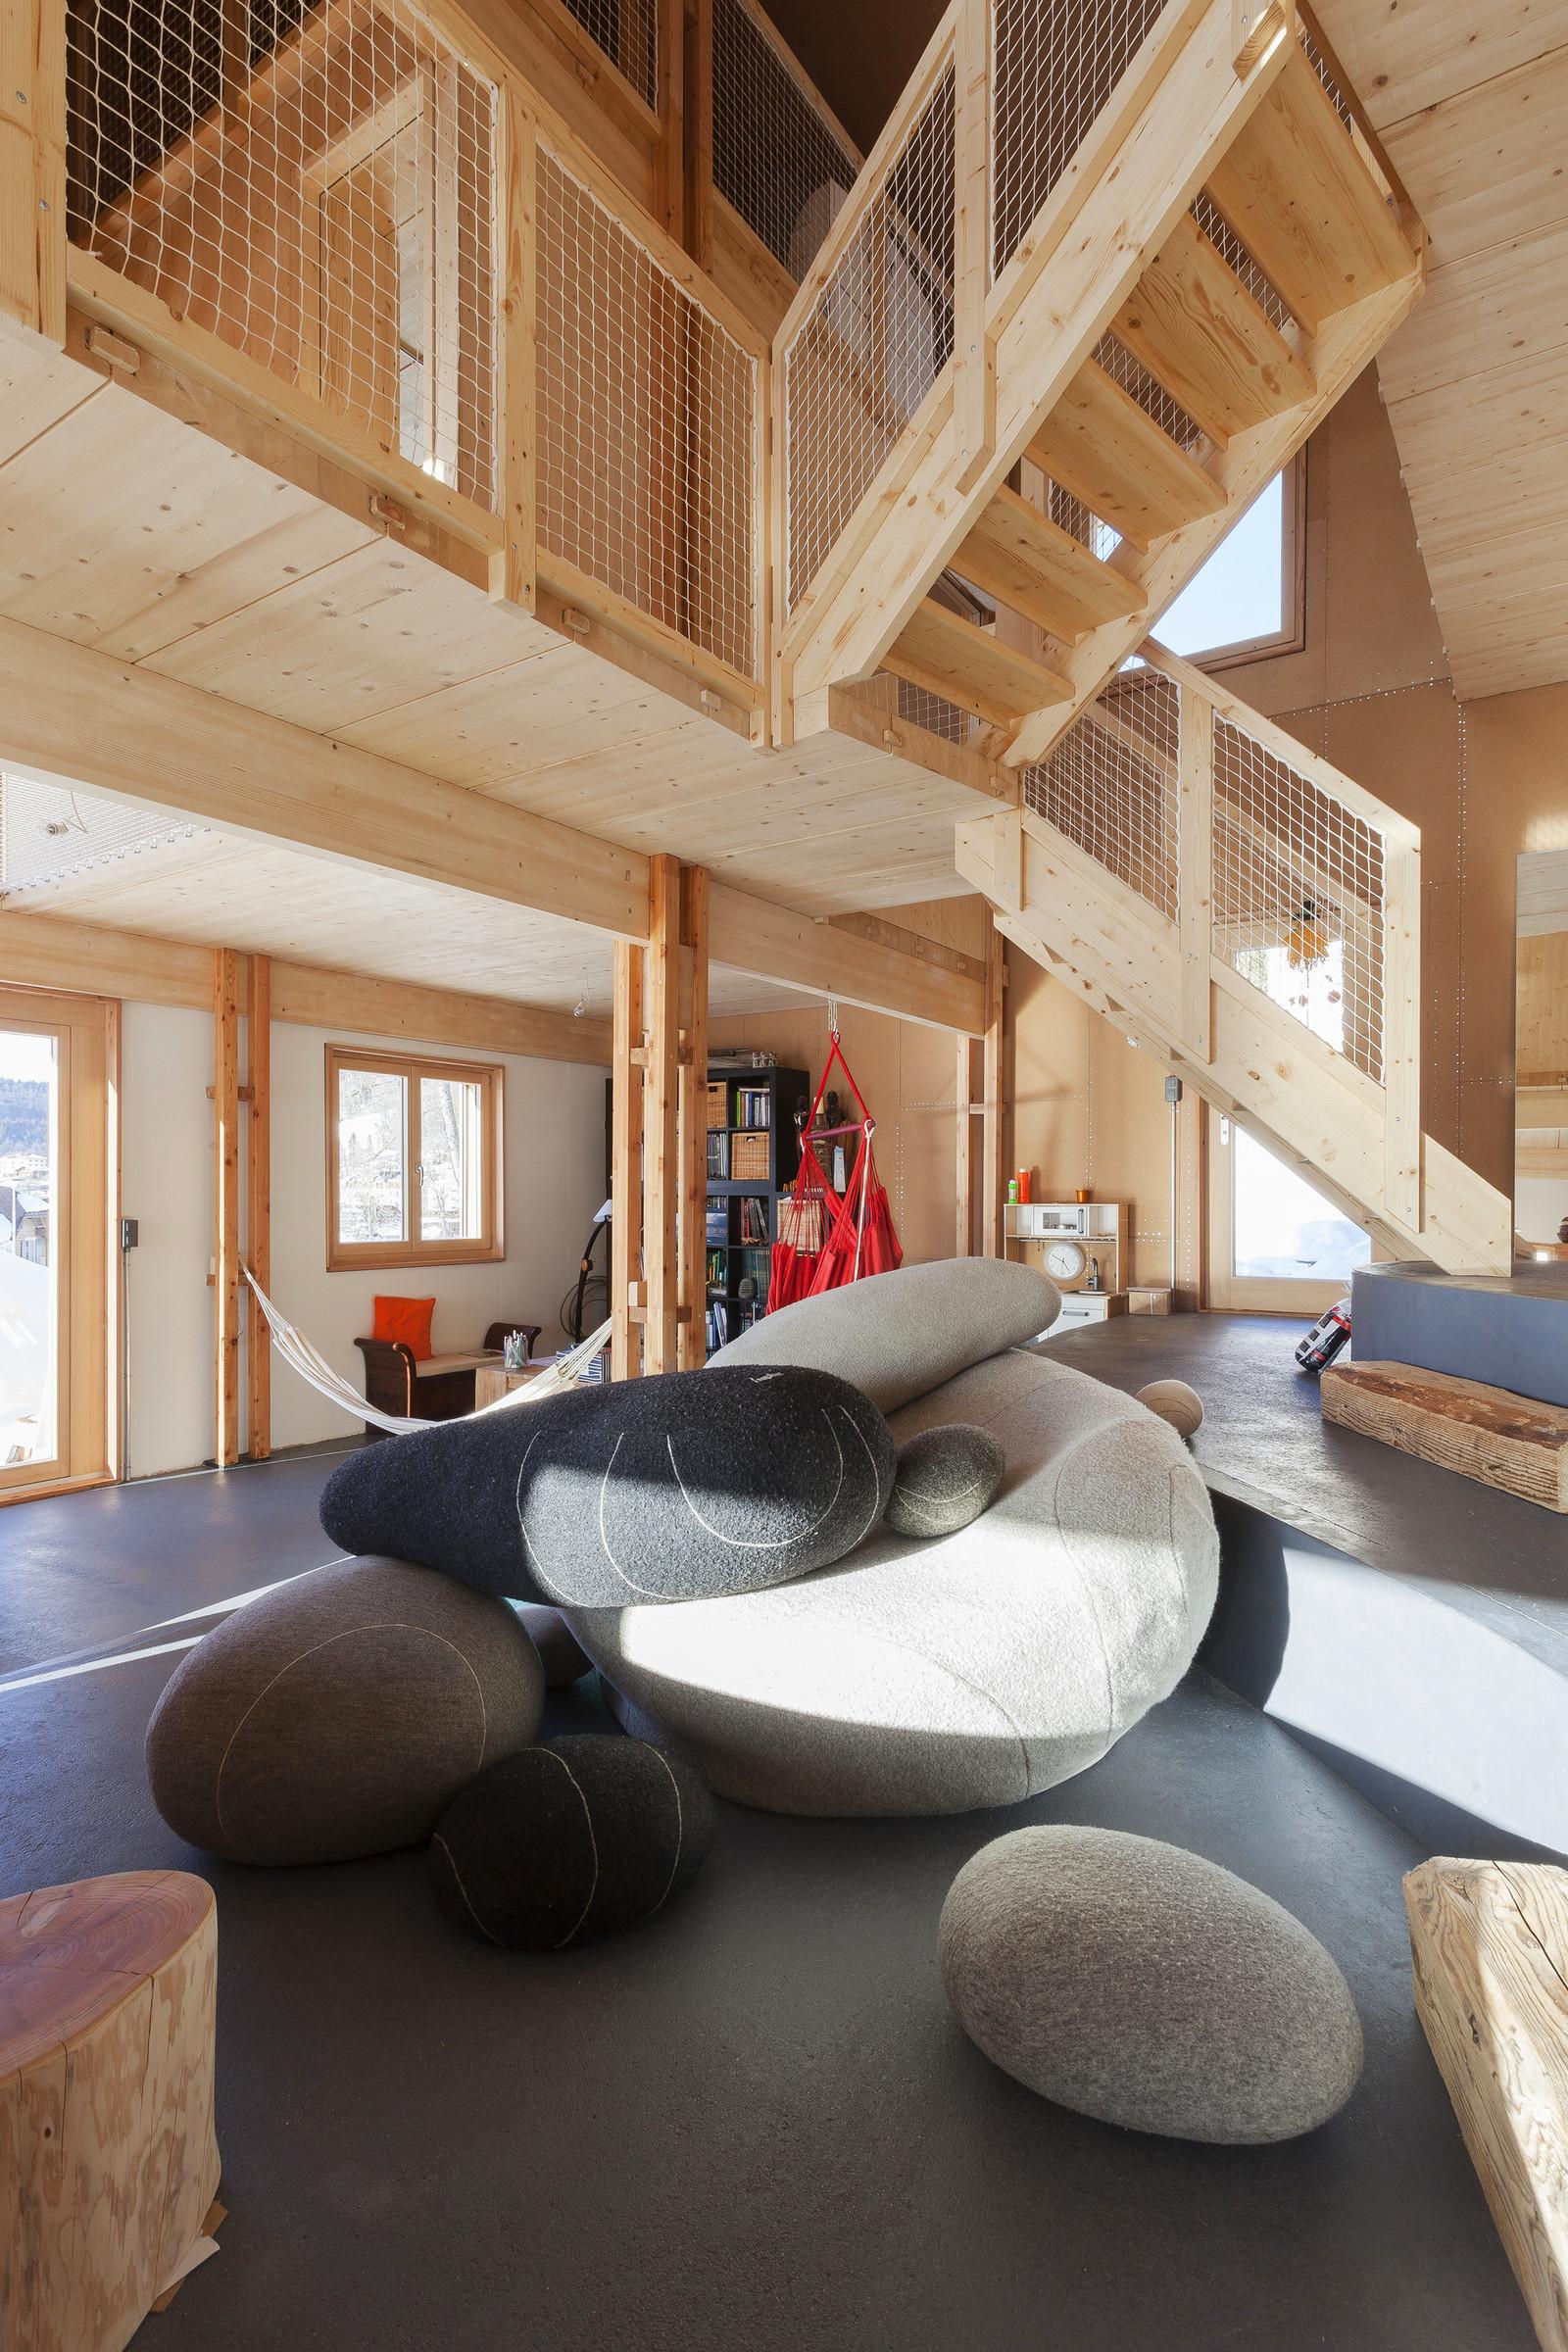 cottage-r-just3ds.com-9